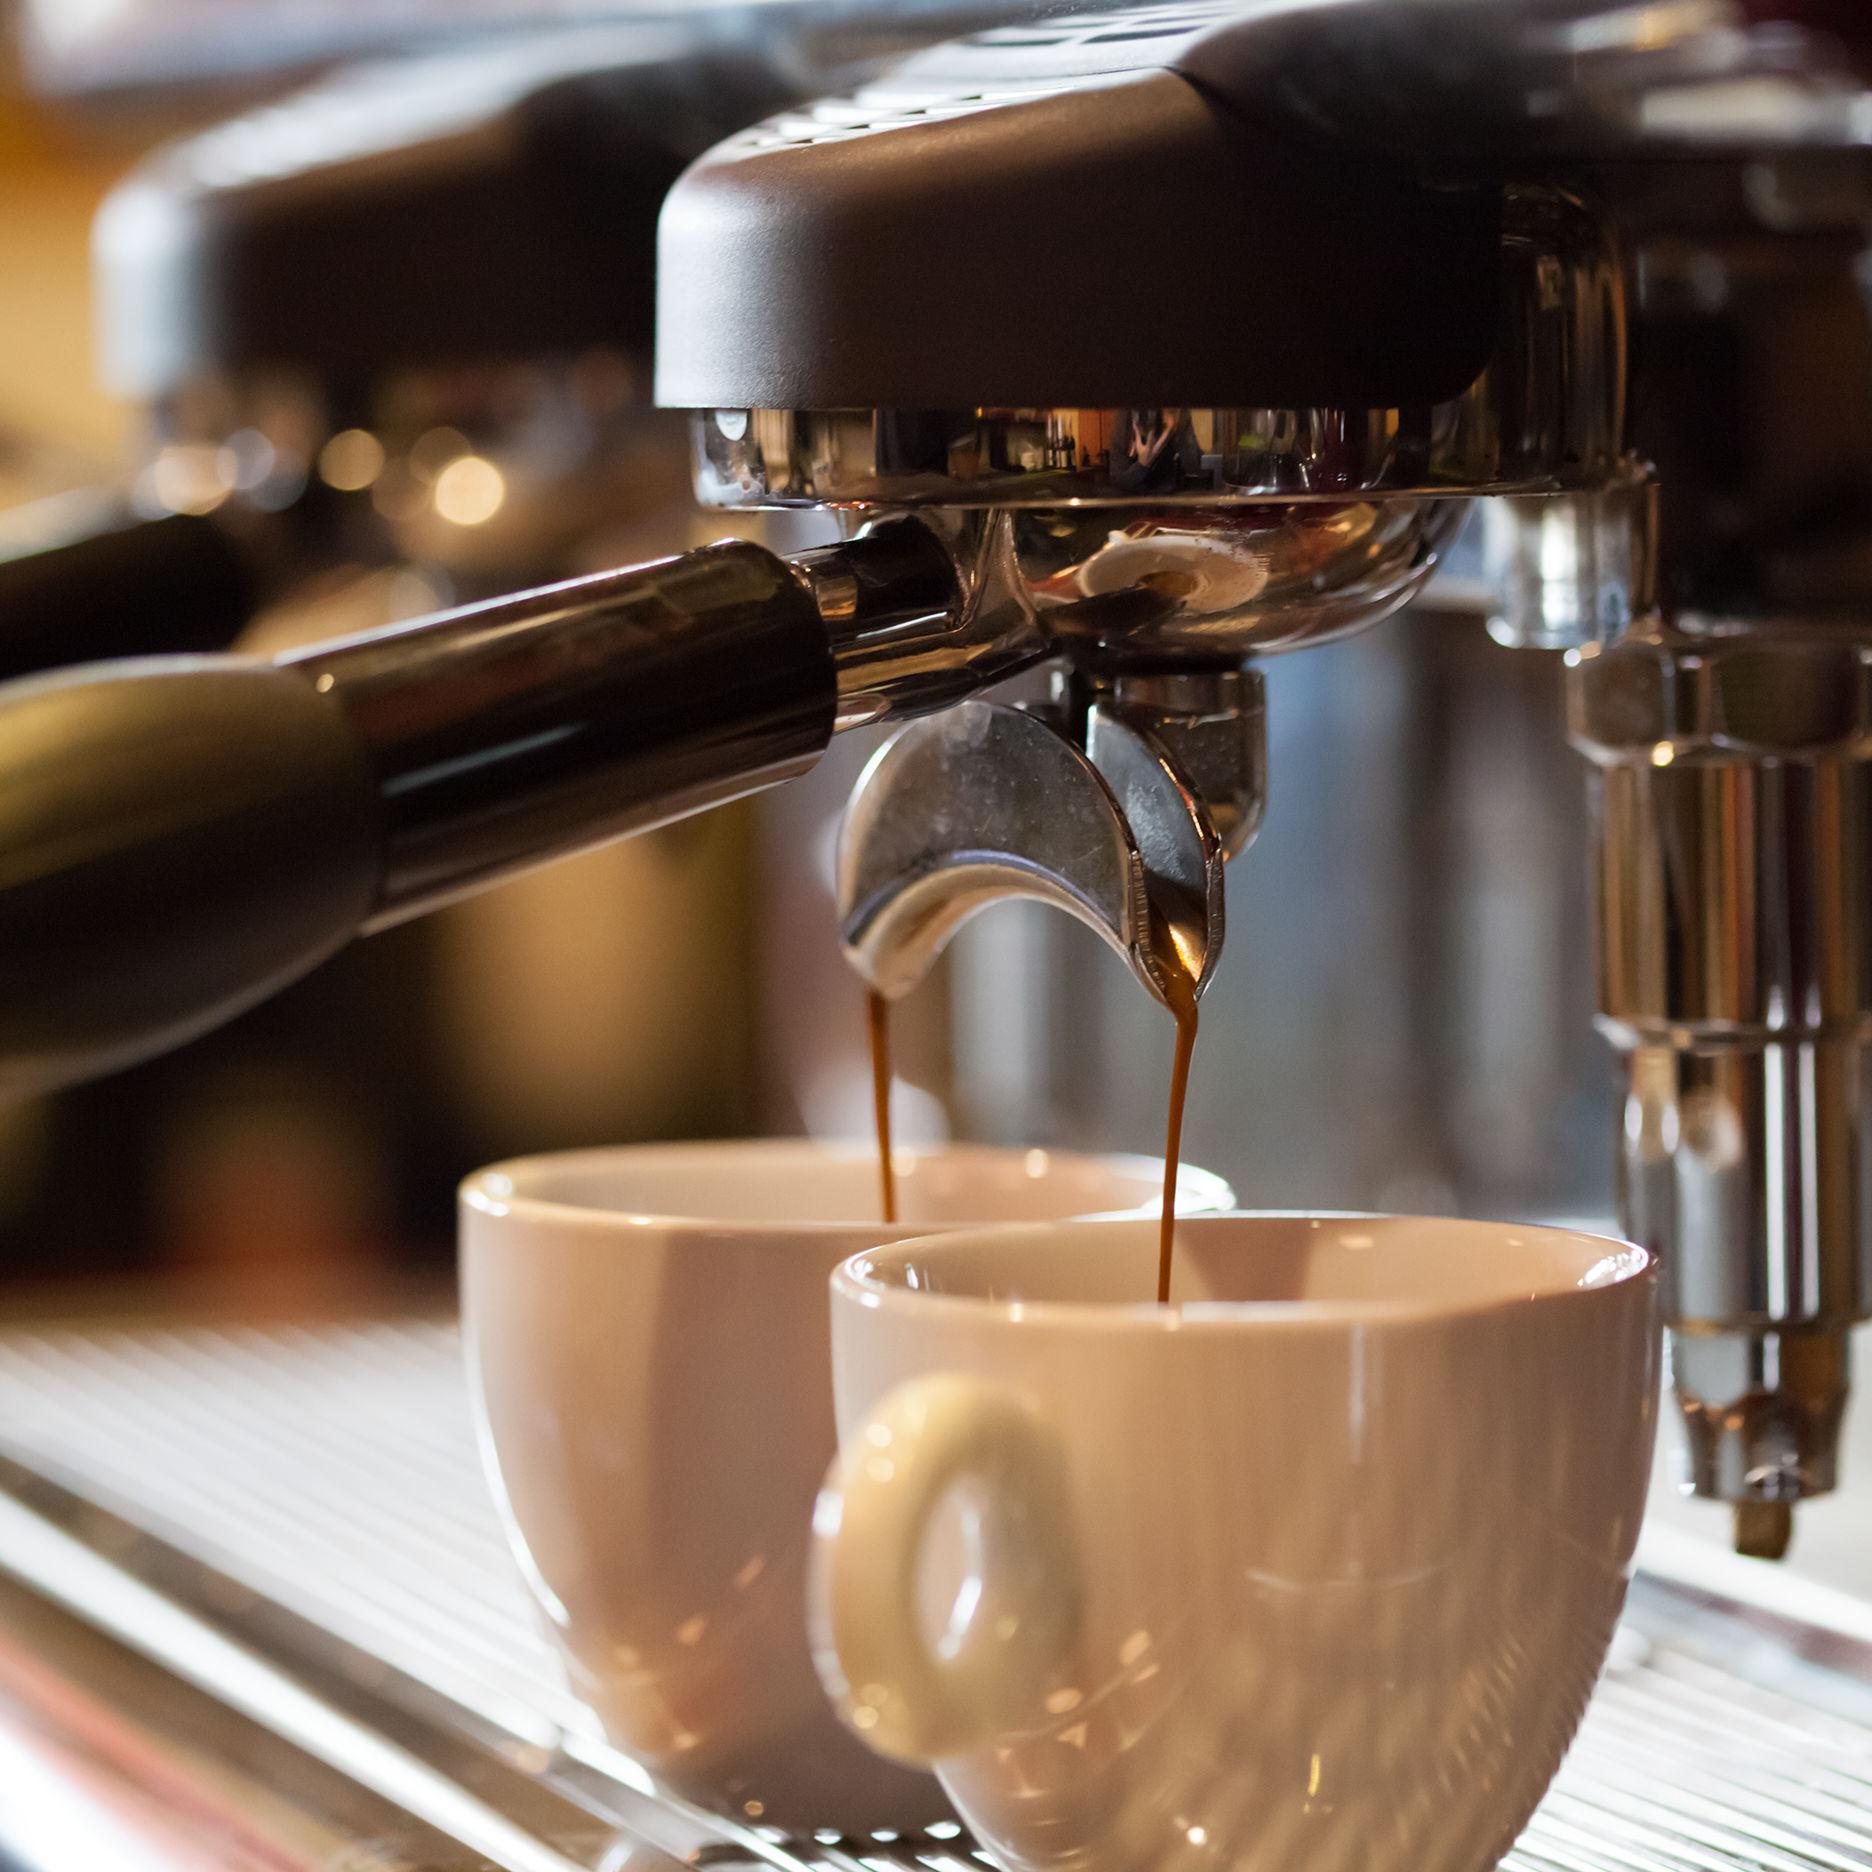 Pomo 0317 coffee espresso machine nblo94